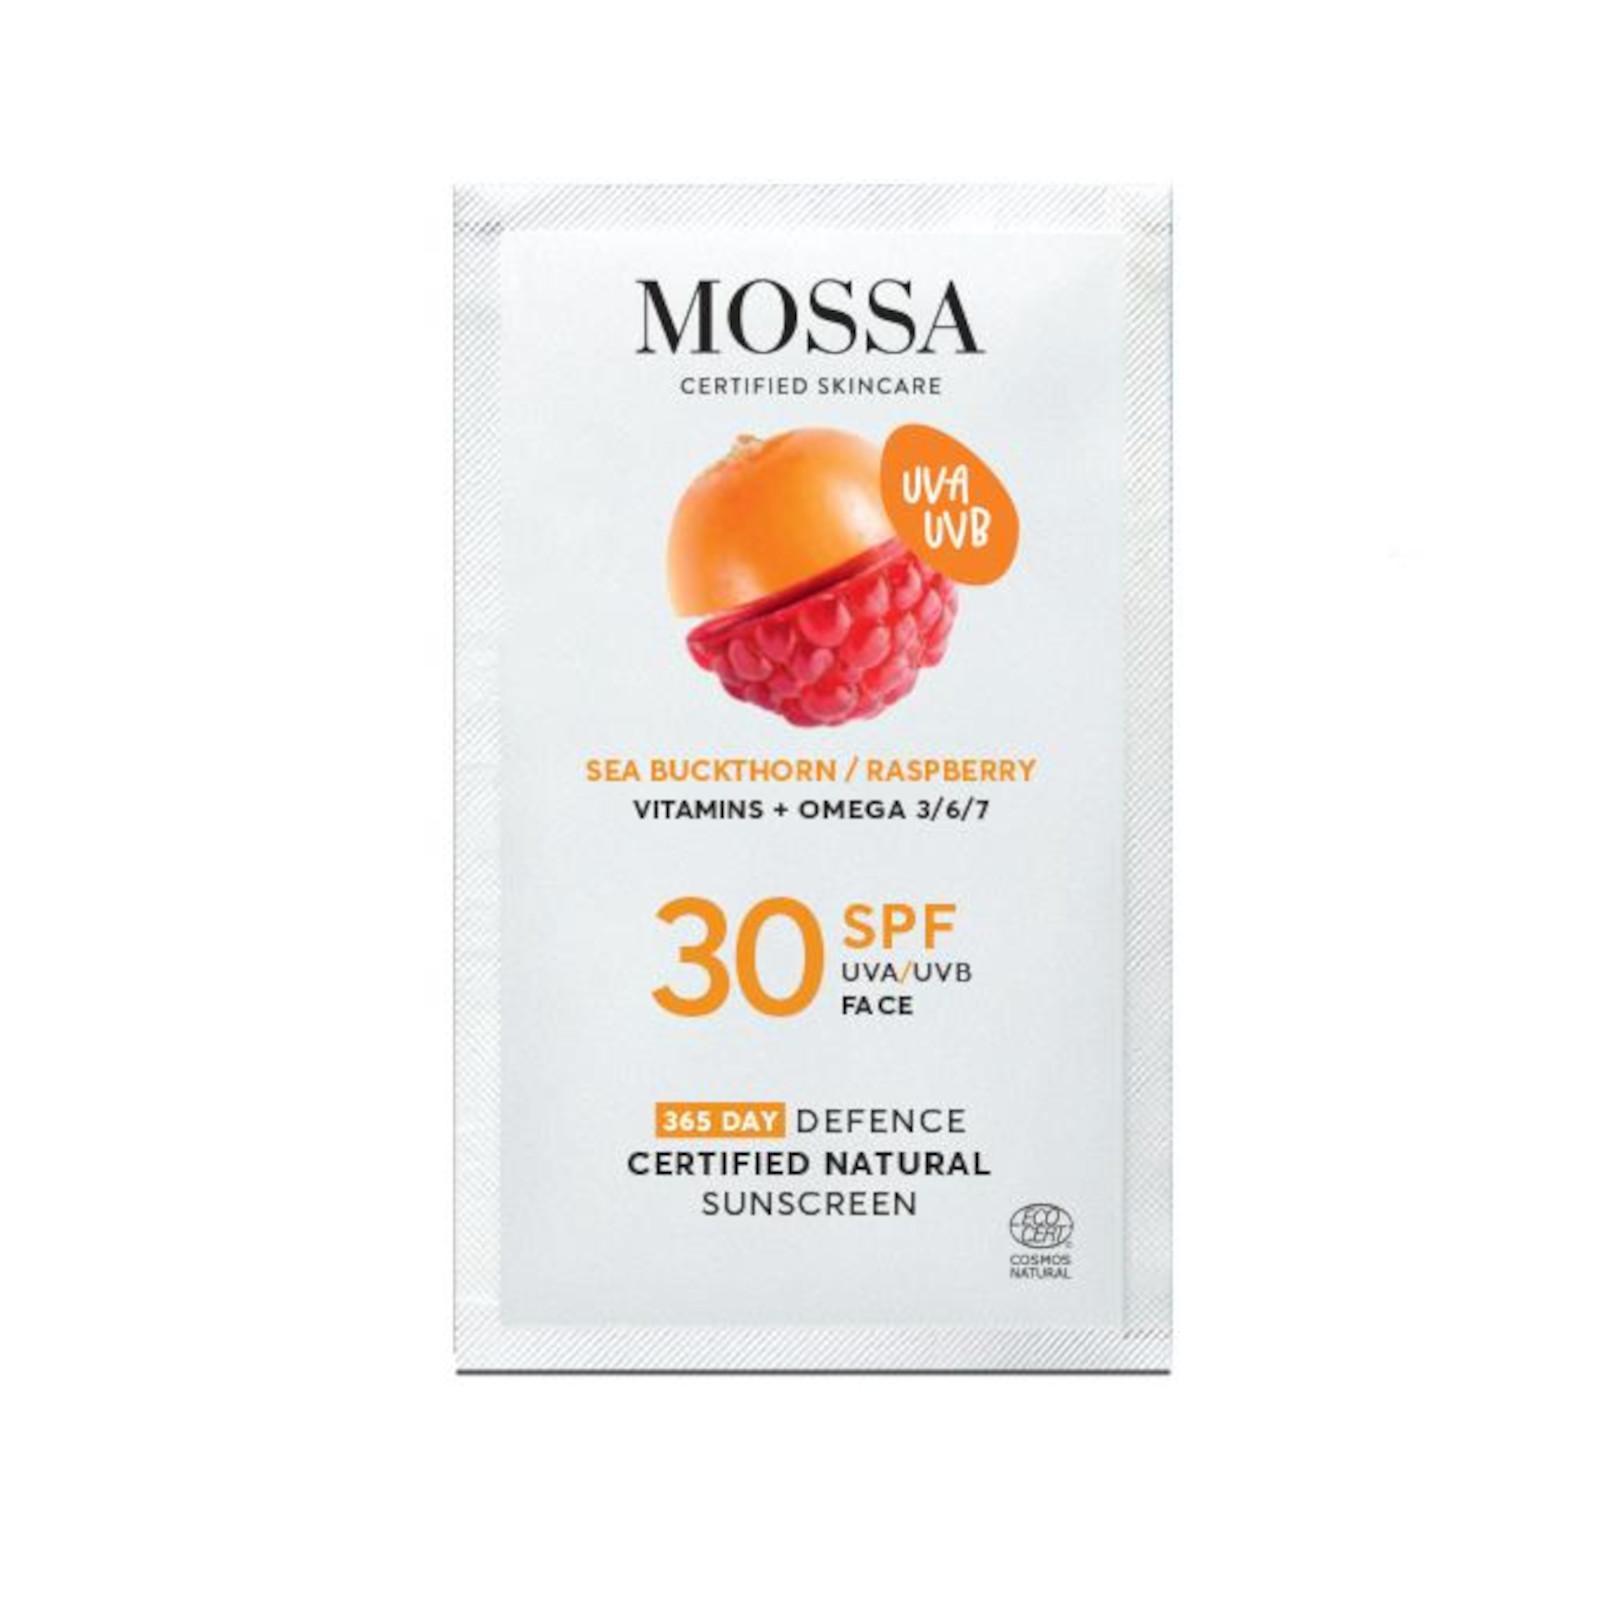 MOSSA Pleťový krém na opalování SPF 30, 365 DAYS DEFENCE 2 ml